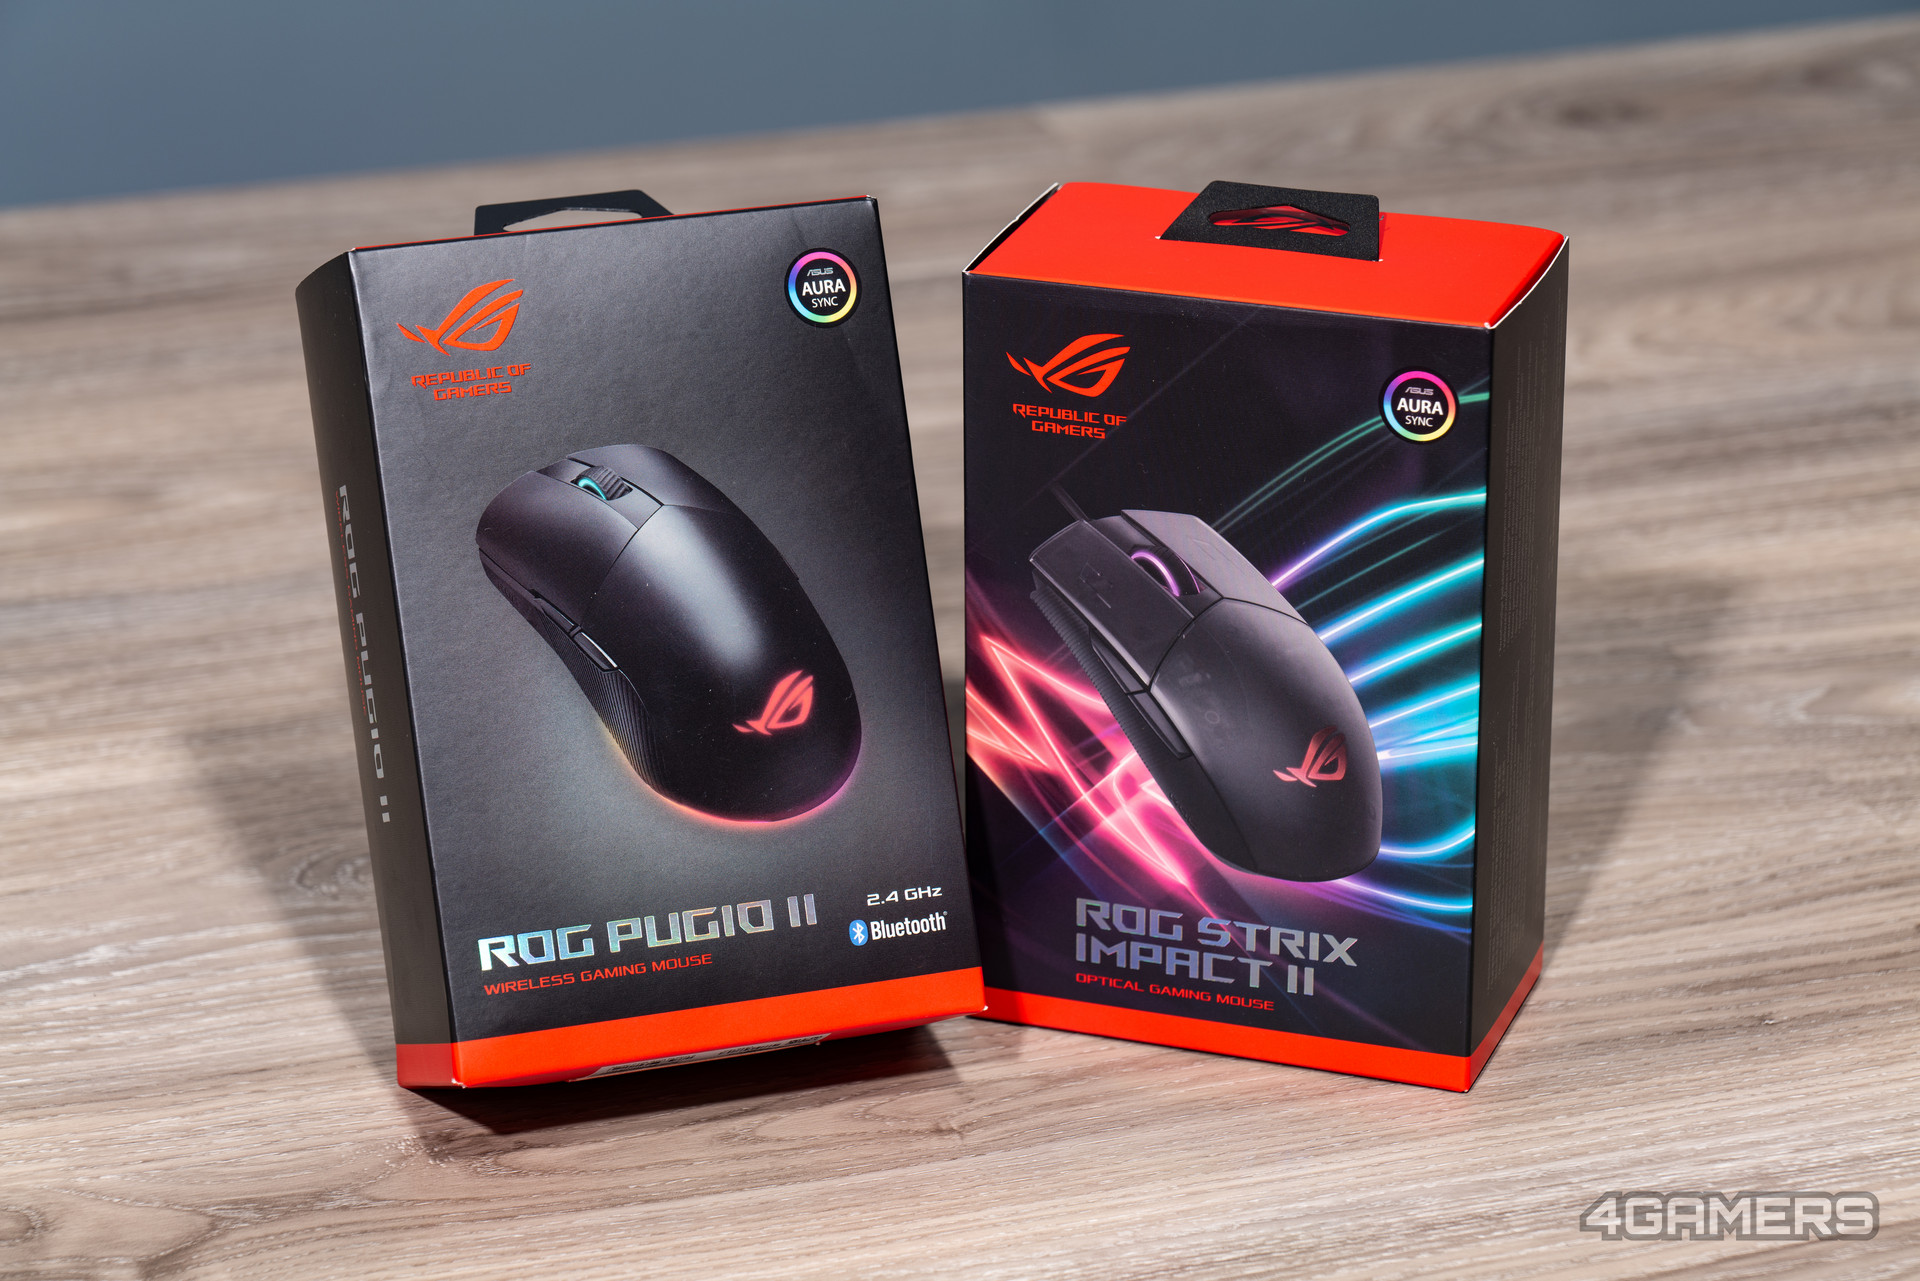 ASUS ROG Pugio II & ROG Strix Impact II